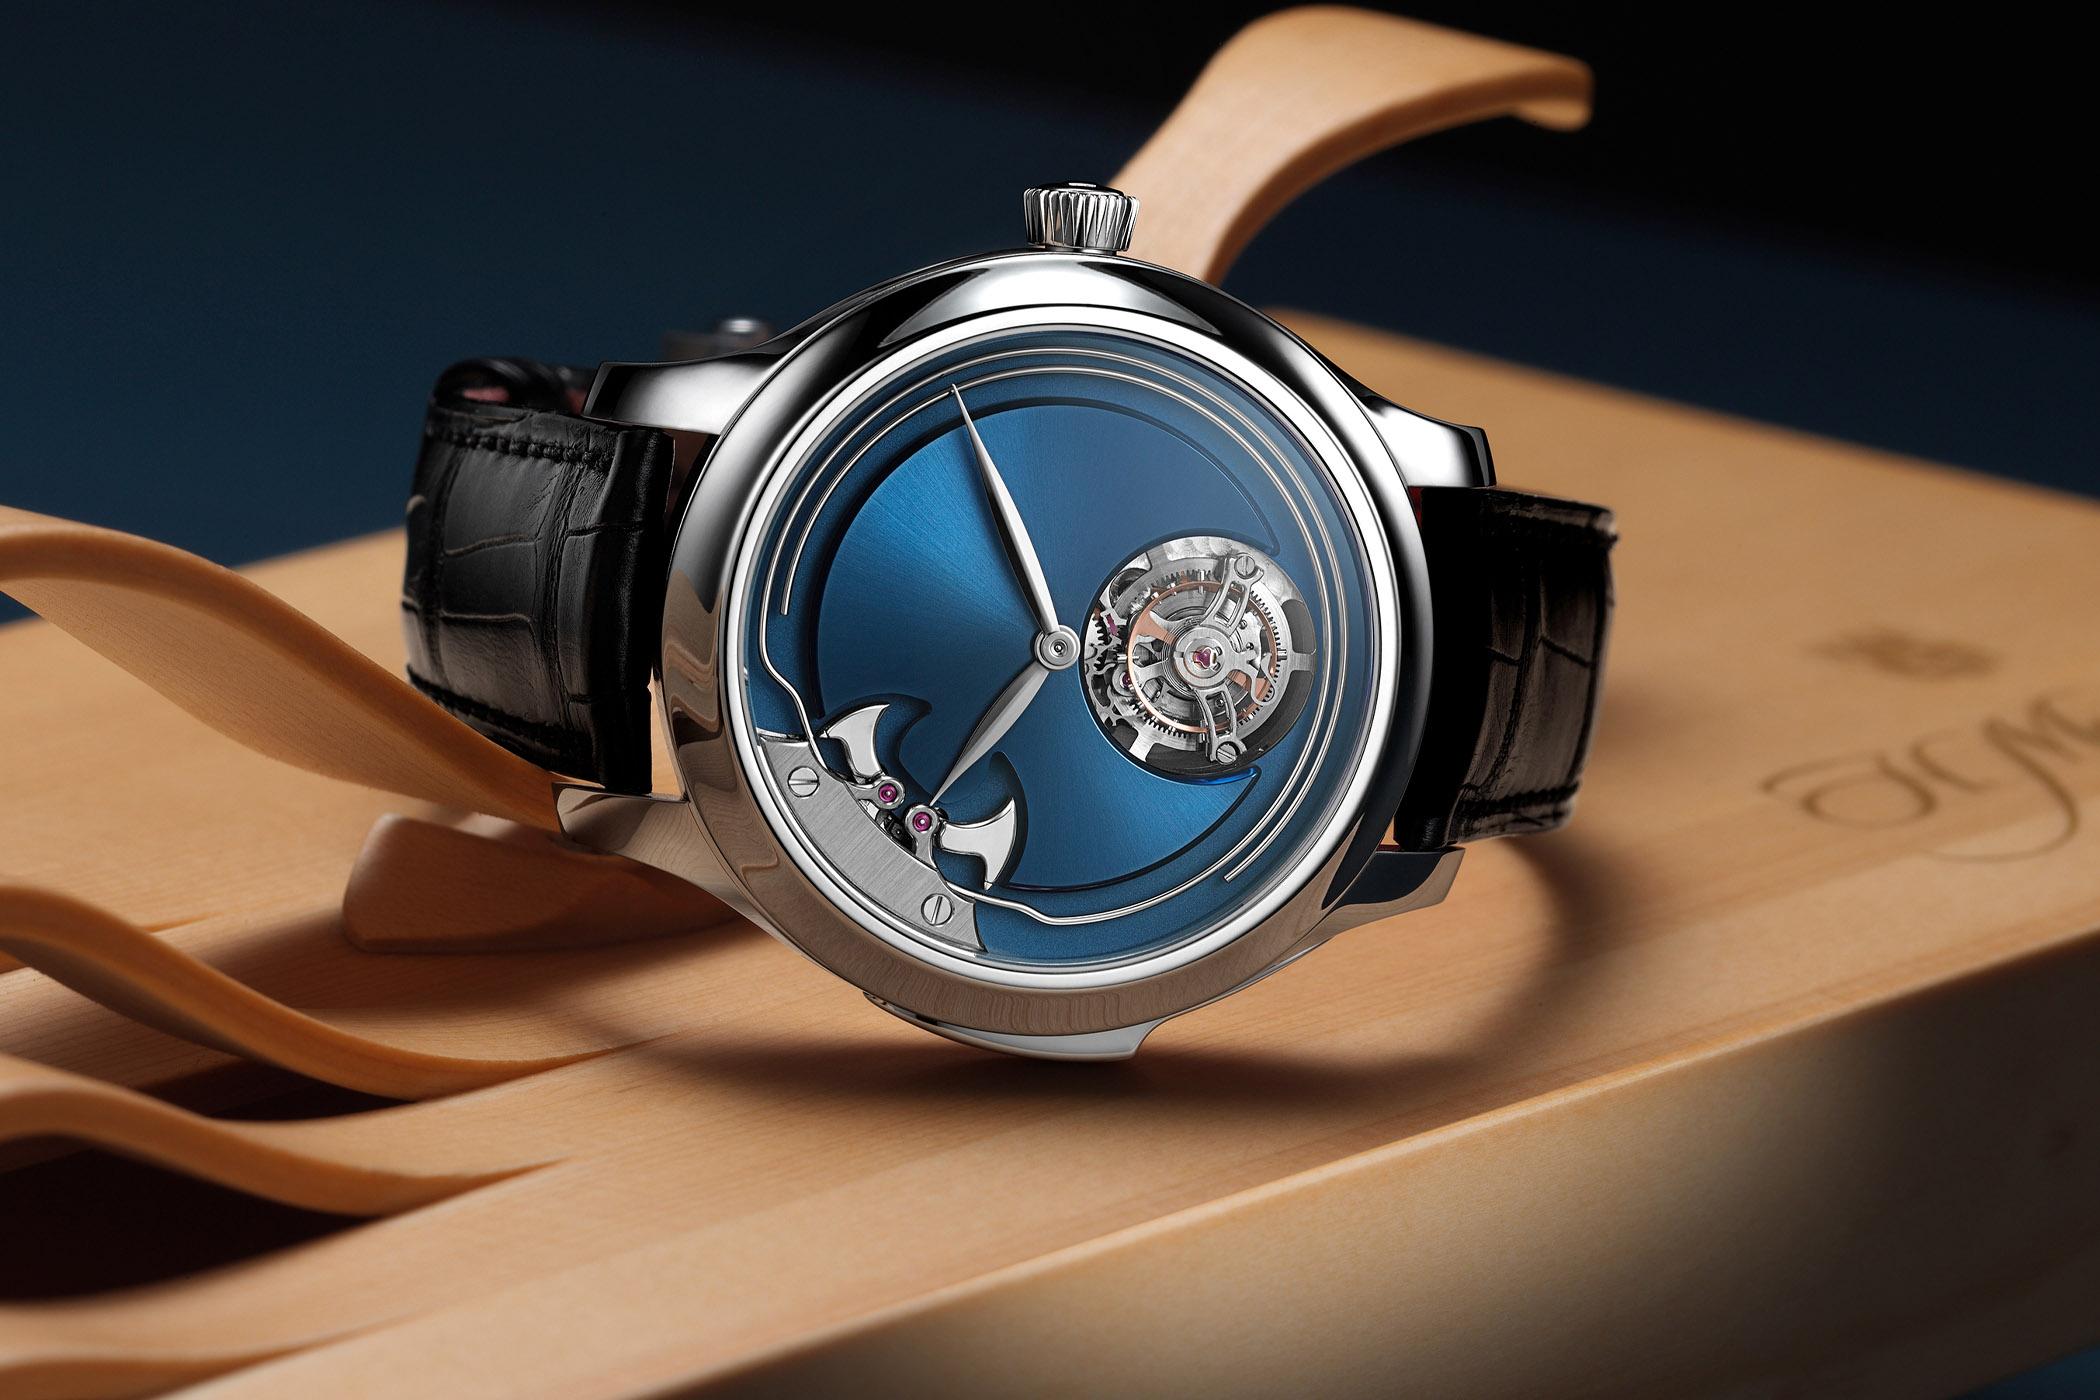 H. Moser & Cie. Endeavour Concept Minute Repeater Tourbillon titanium blue dial